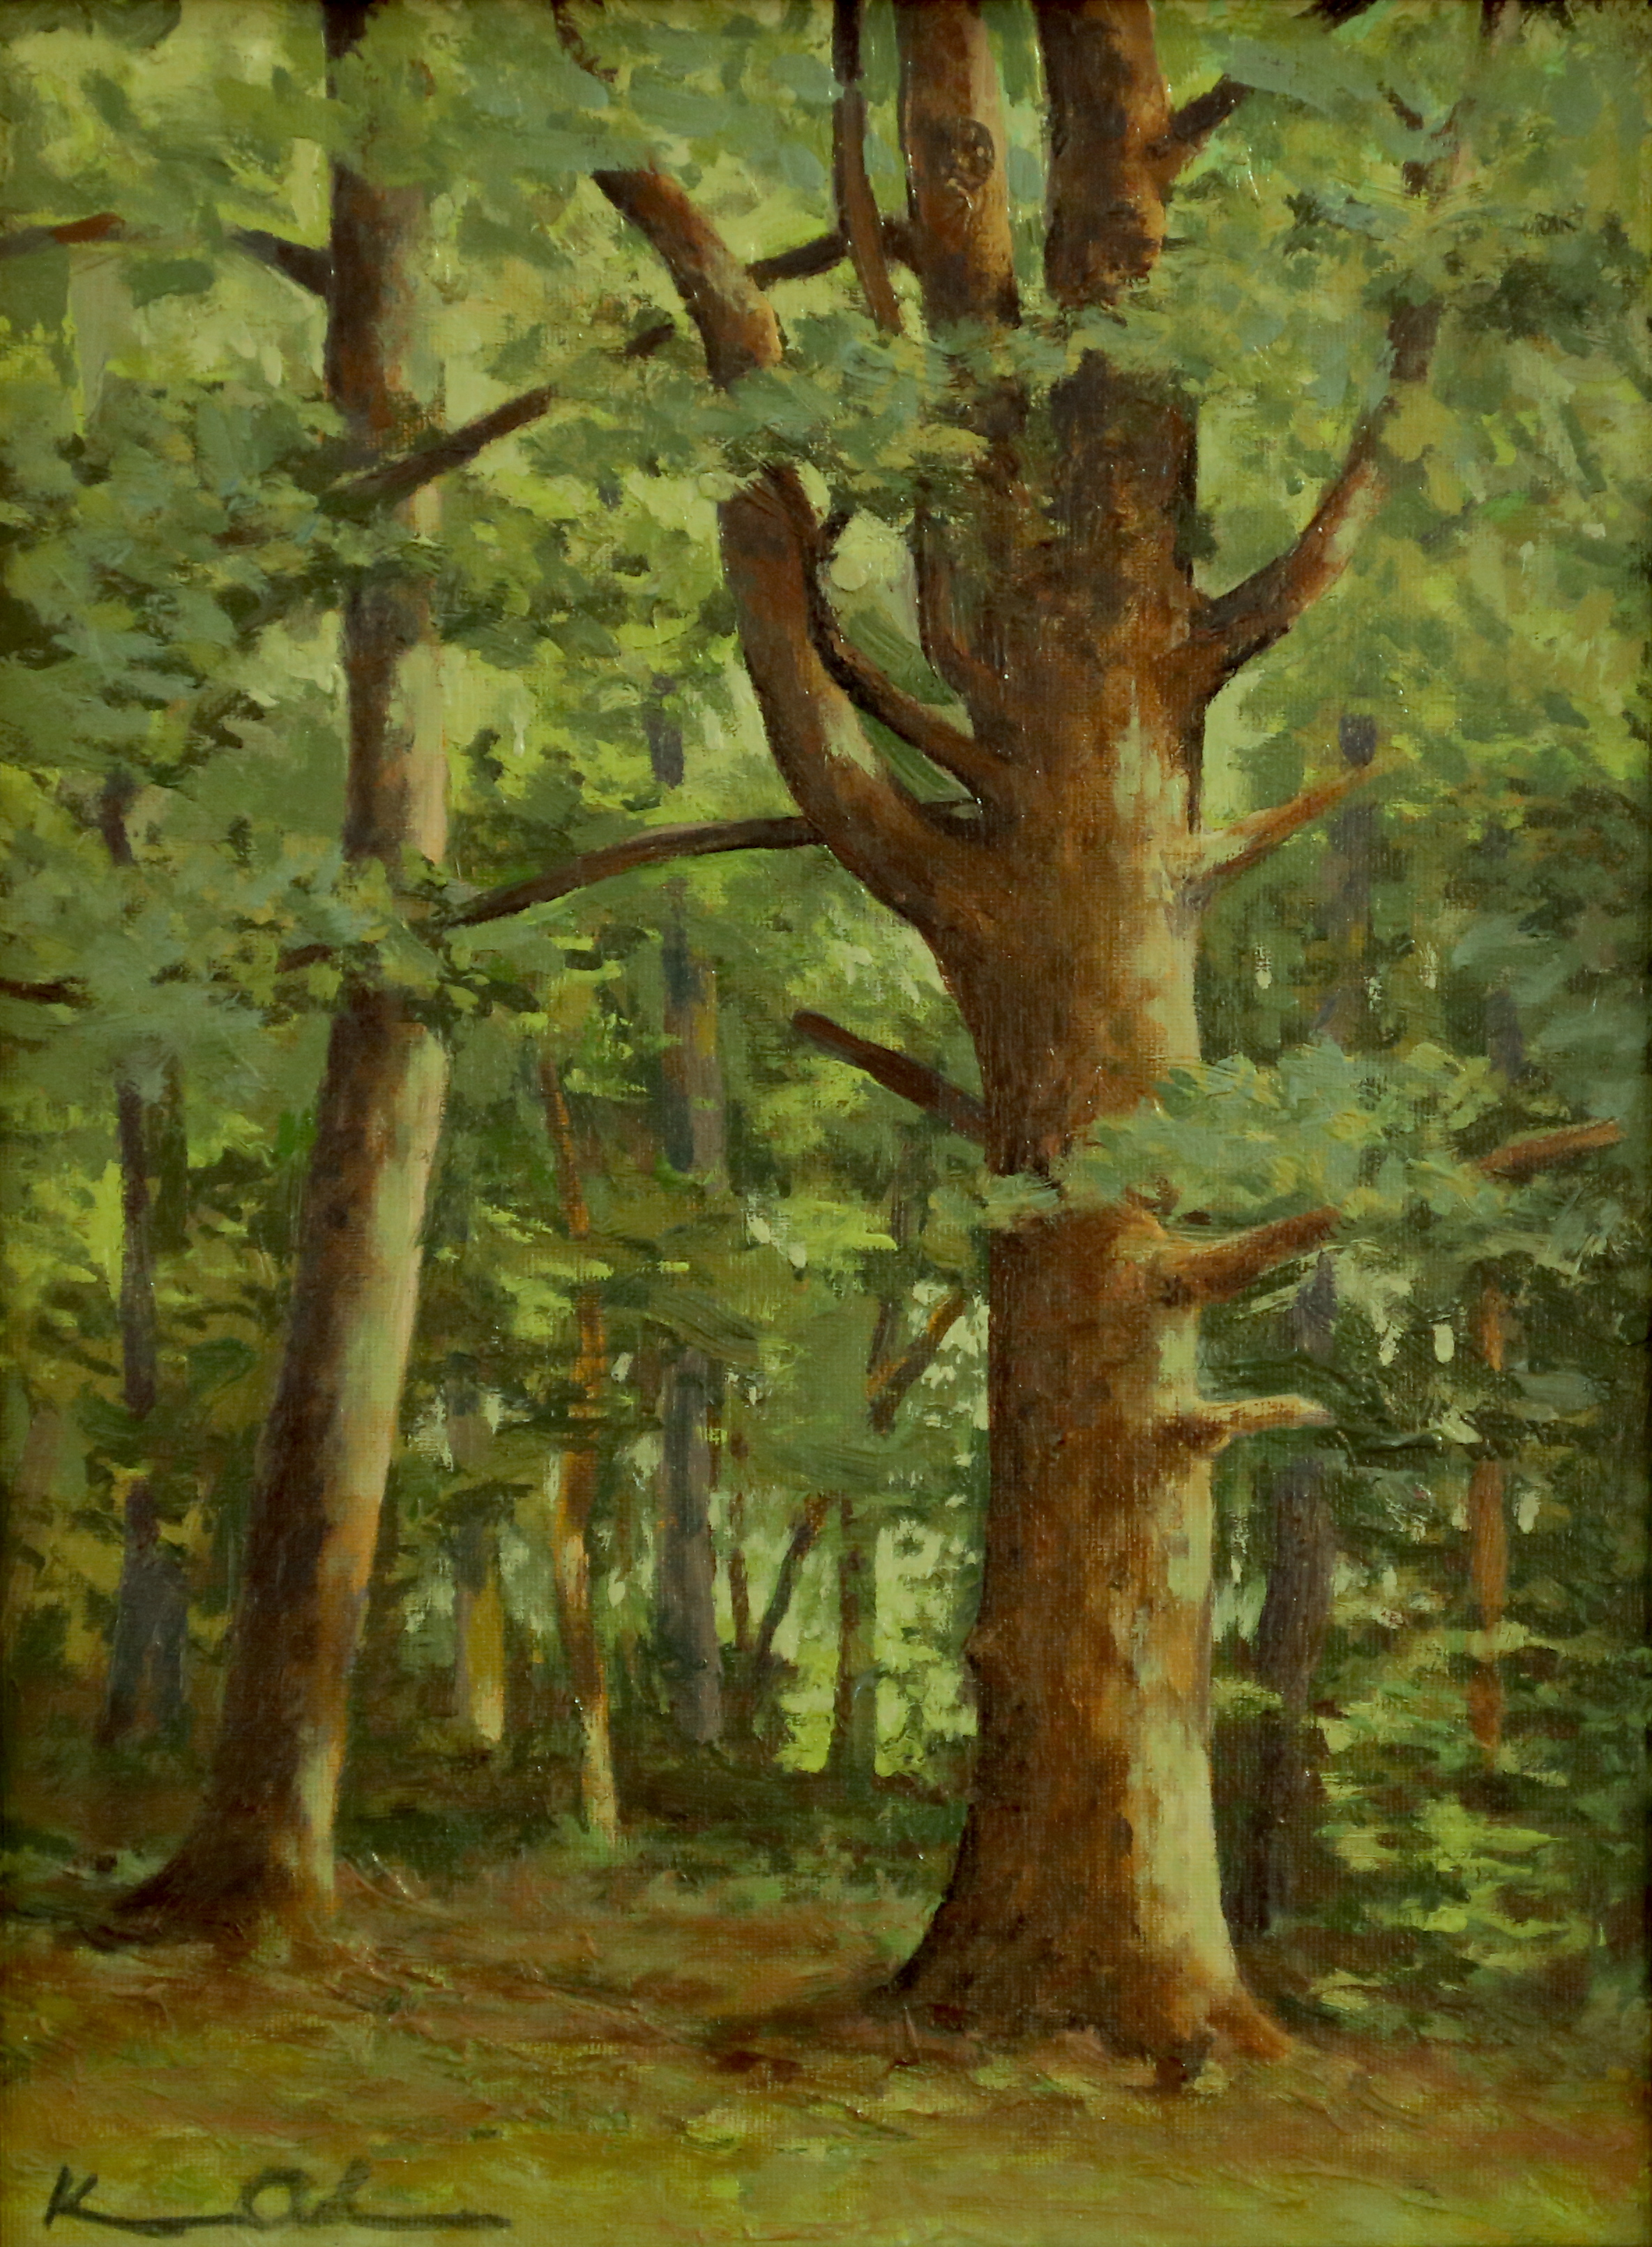 Among The Pine 9 X 12 oil on panel